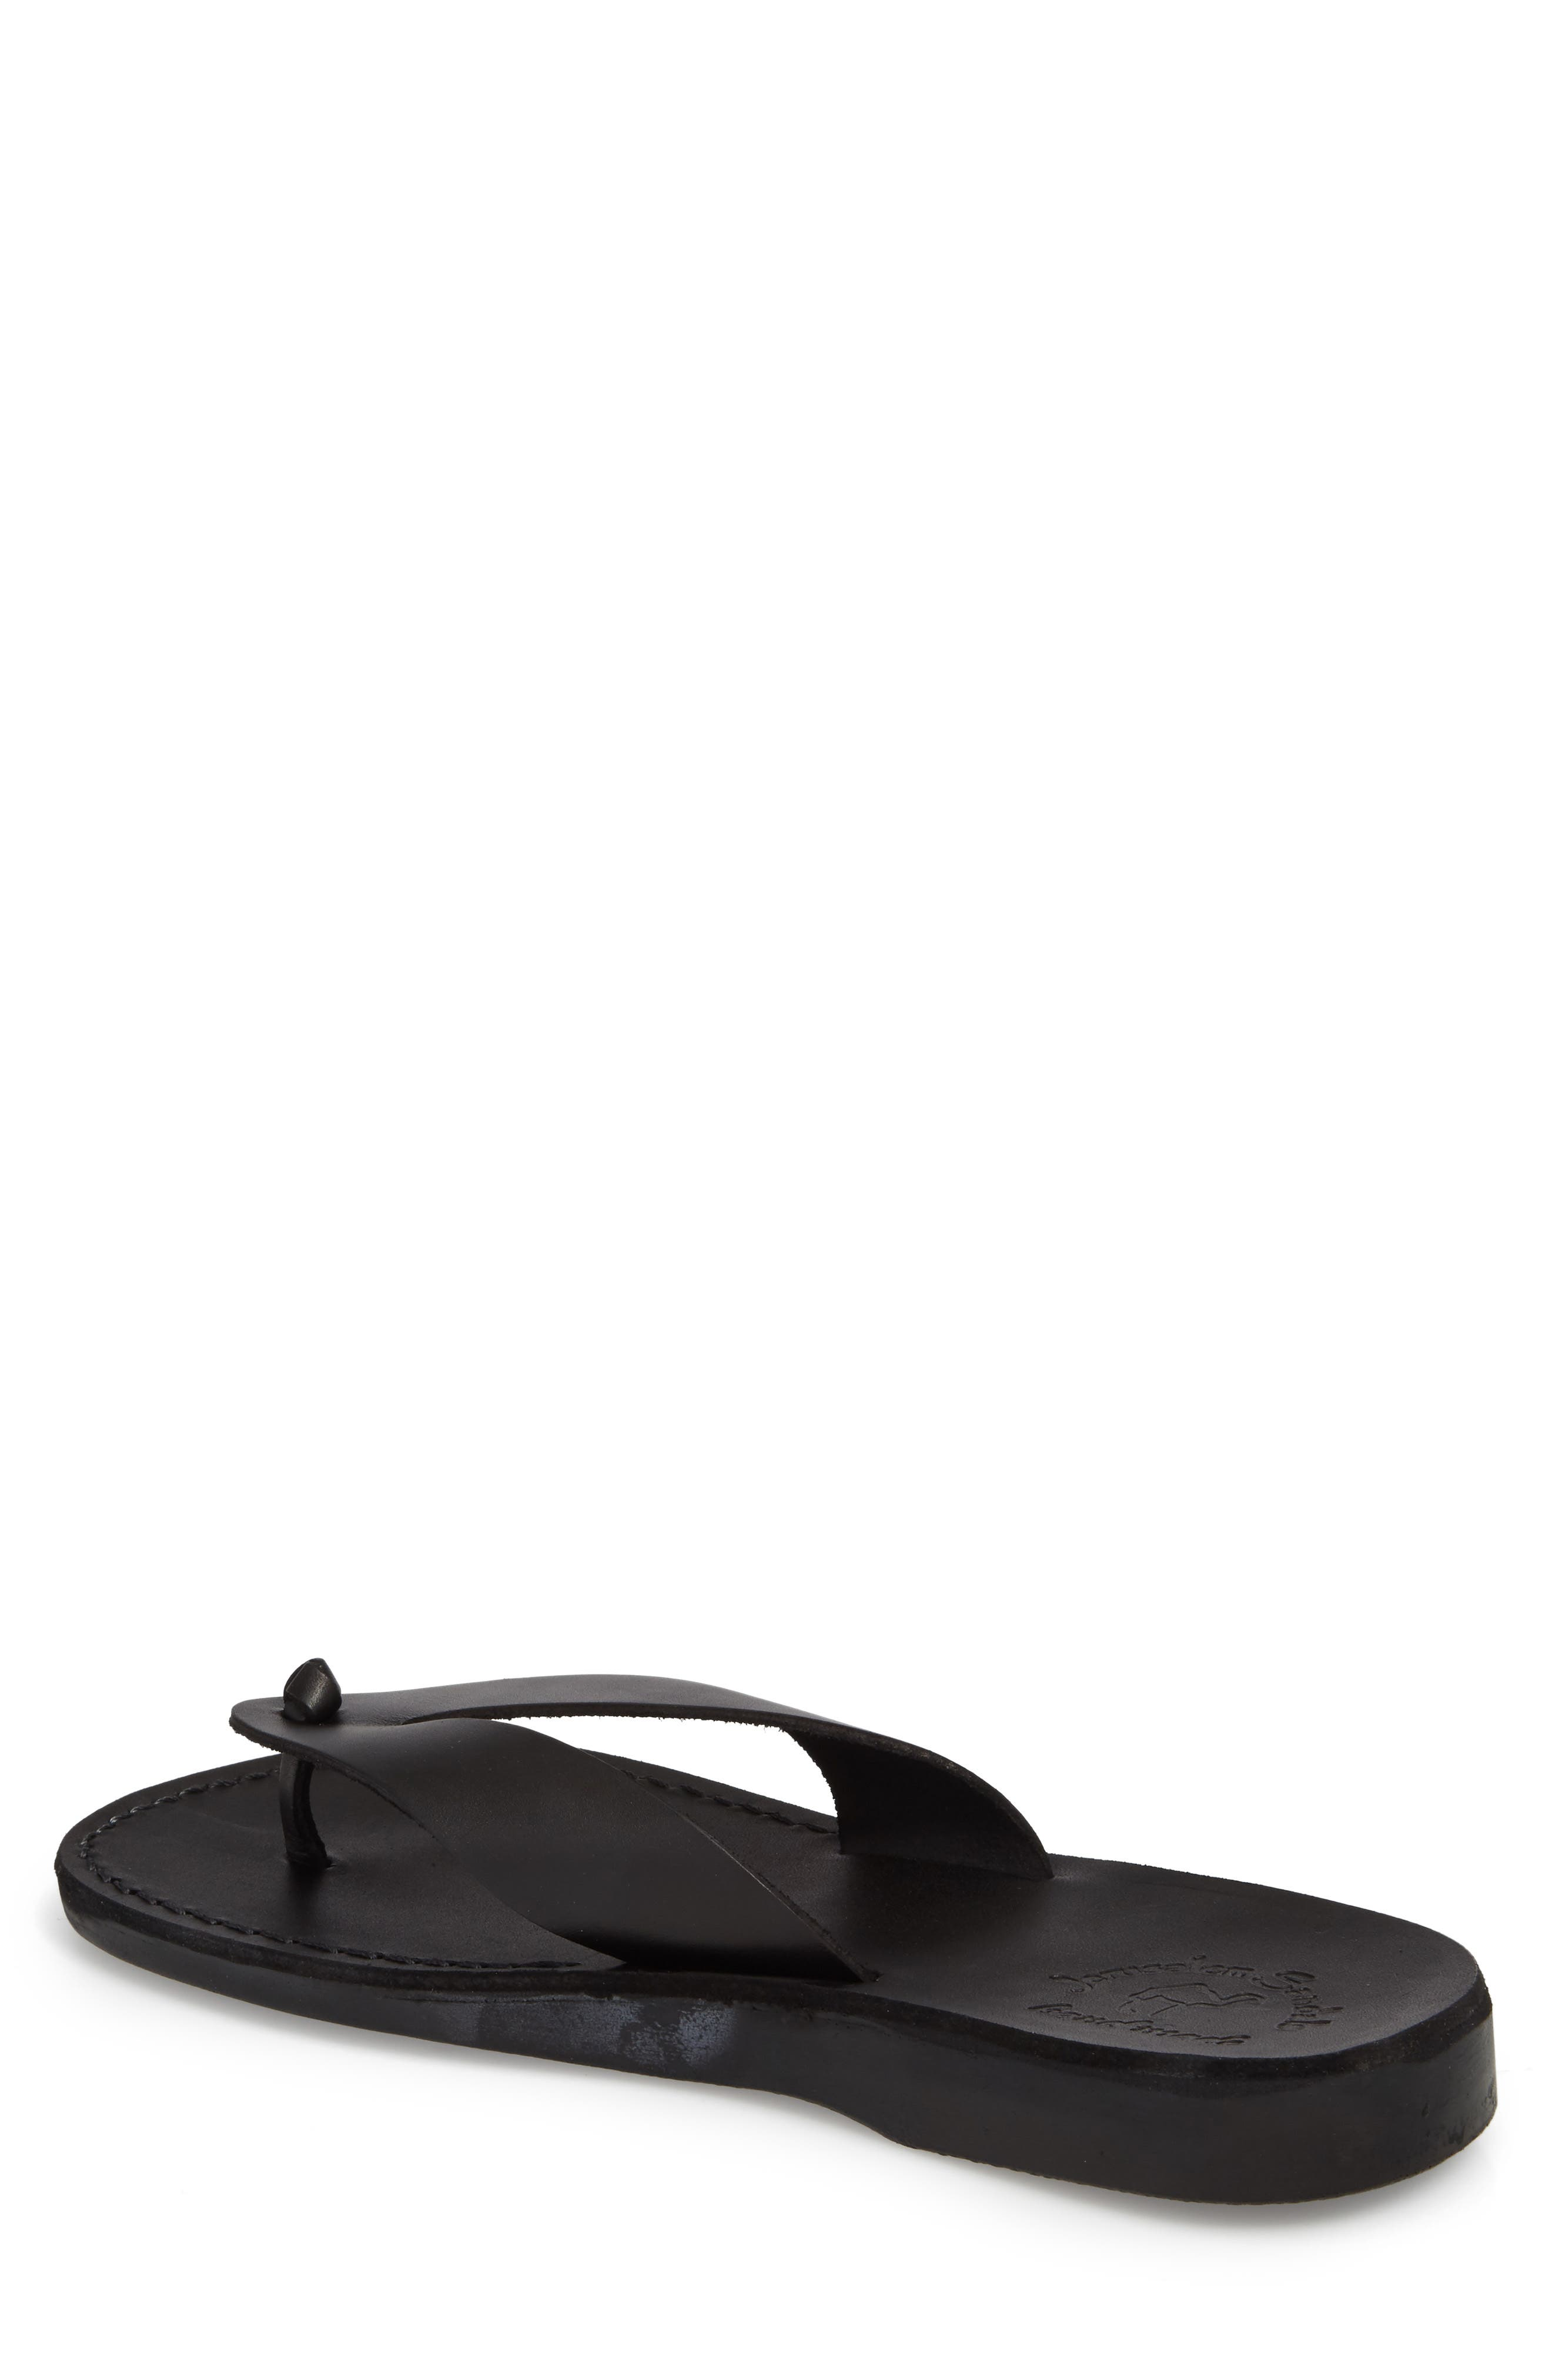 Solomon Flip Flop,                             Alternate thumbnail 2, color,                             Black Leather